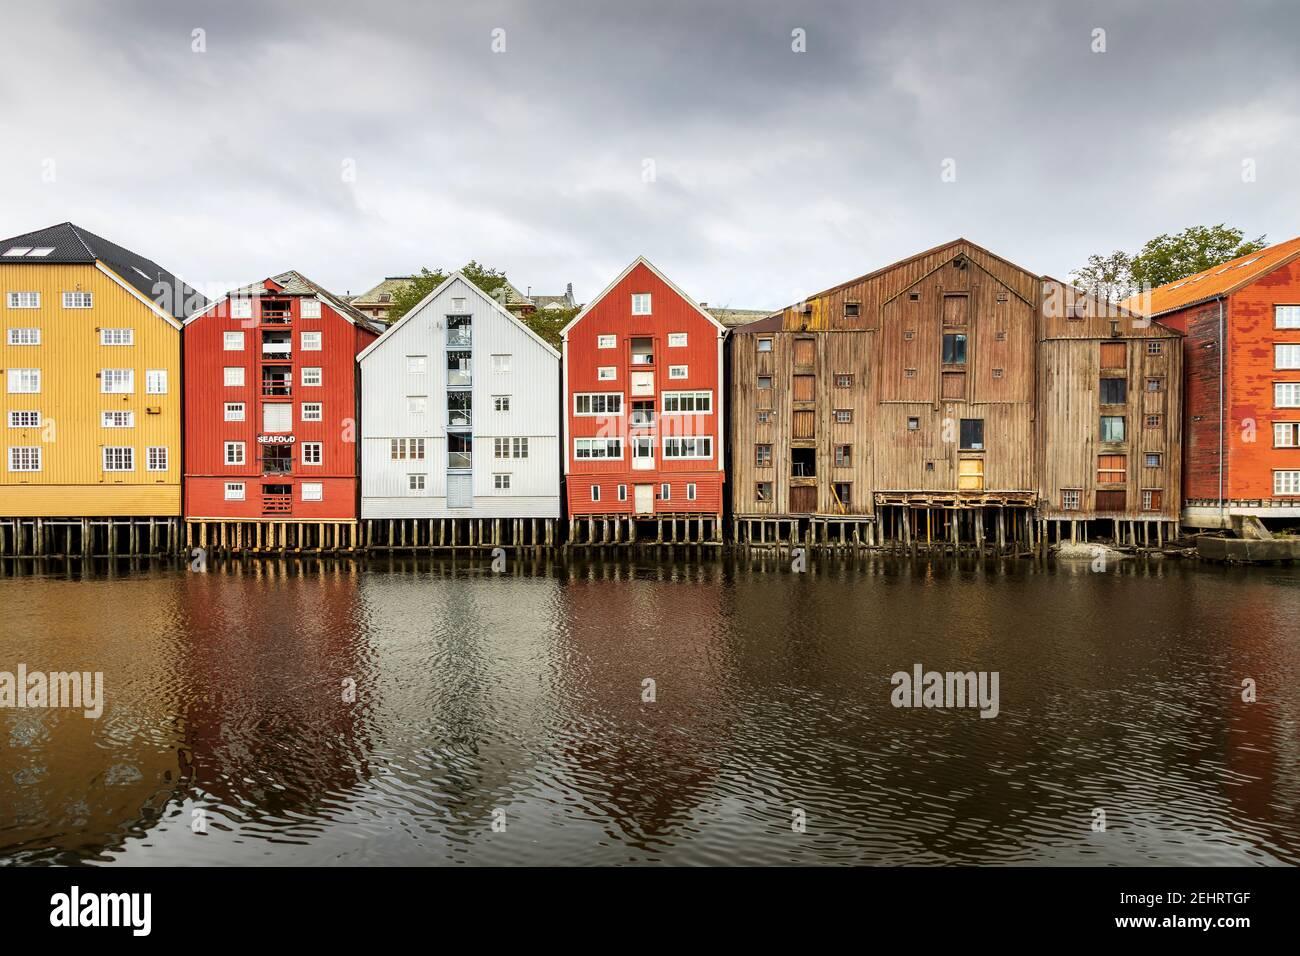 Coloridos edificios a lo largo del río nidelva, en Trondheim, Noruega. Foto de stock